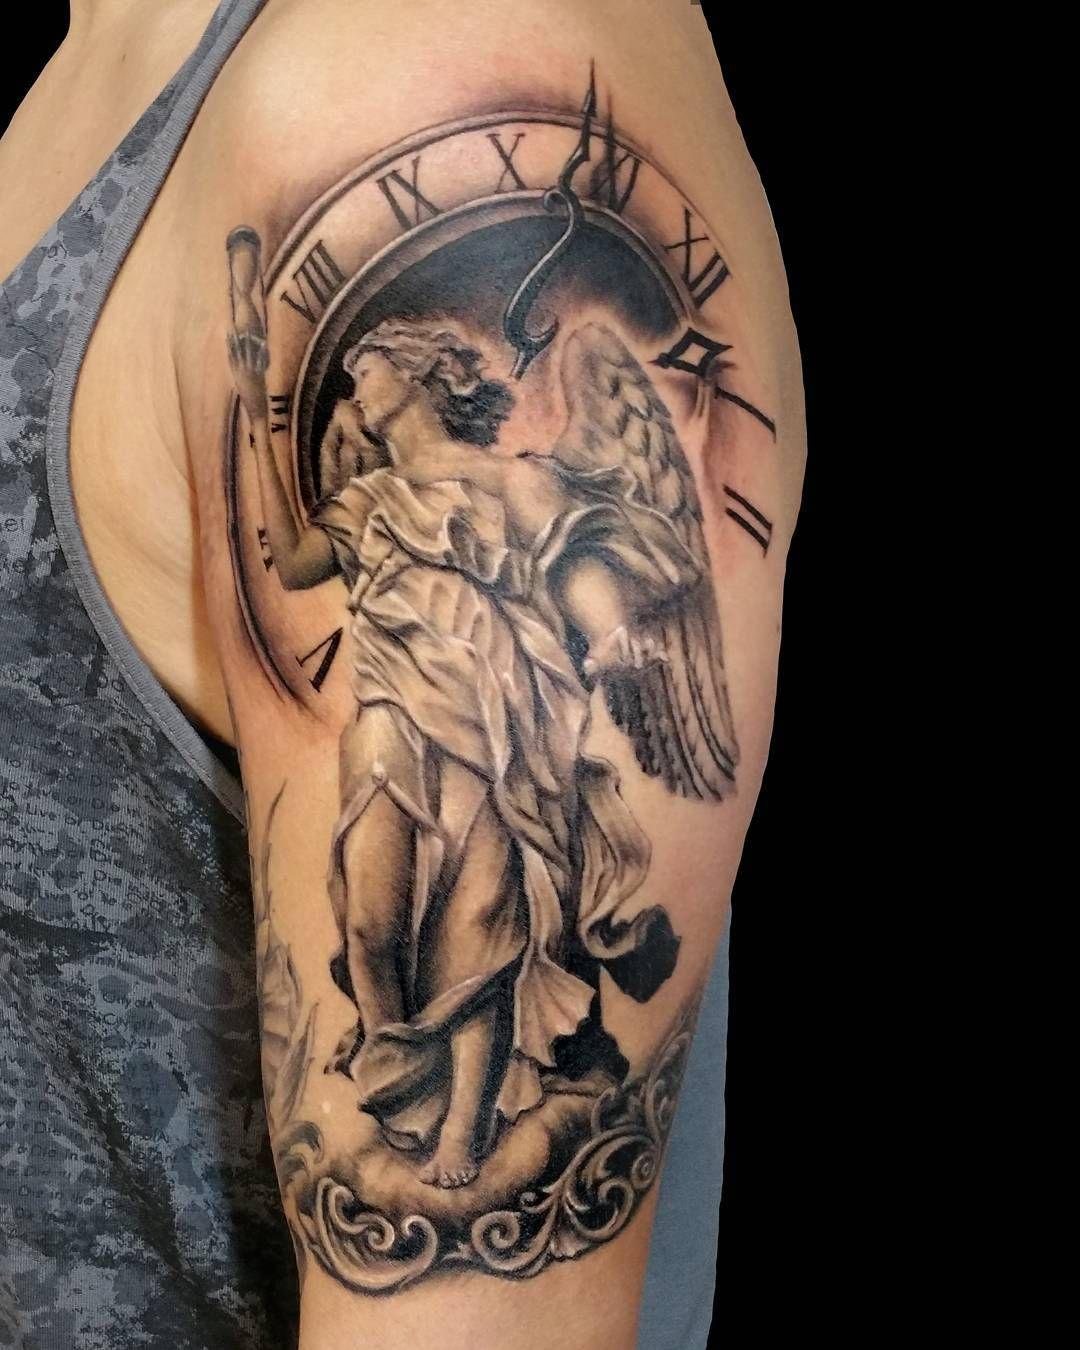 Tattoo Artist Empire Tattoo Boston Ma Tattoo Bostontattoo Www Empiretattooinc Com Tattoo Desings Art Tattoo Portrait Tattoo